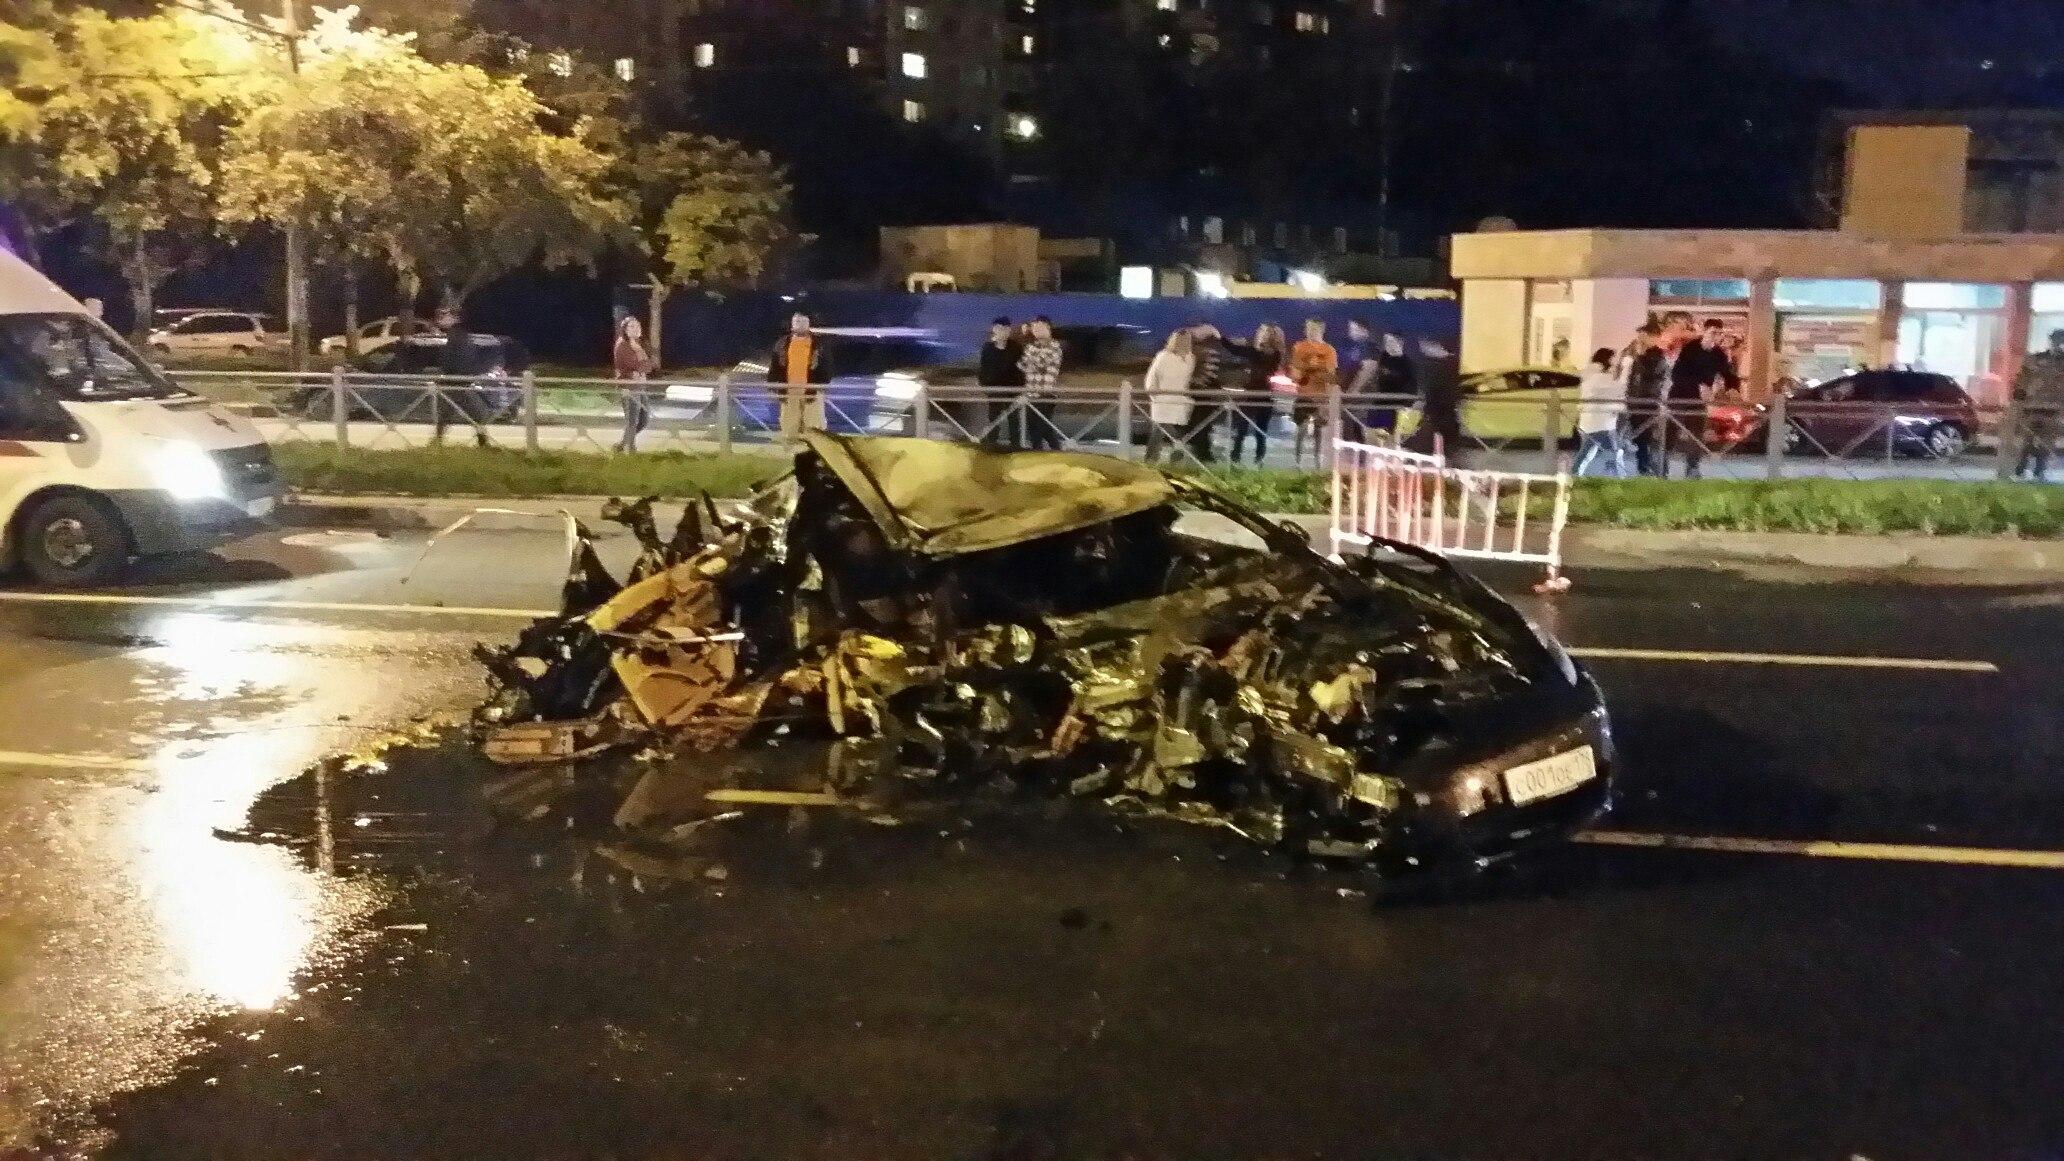 ДТП вПетербурге: после столкновения сфурой сгорел дотла Порш